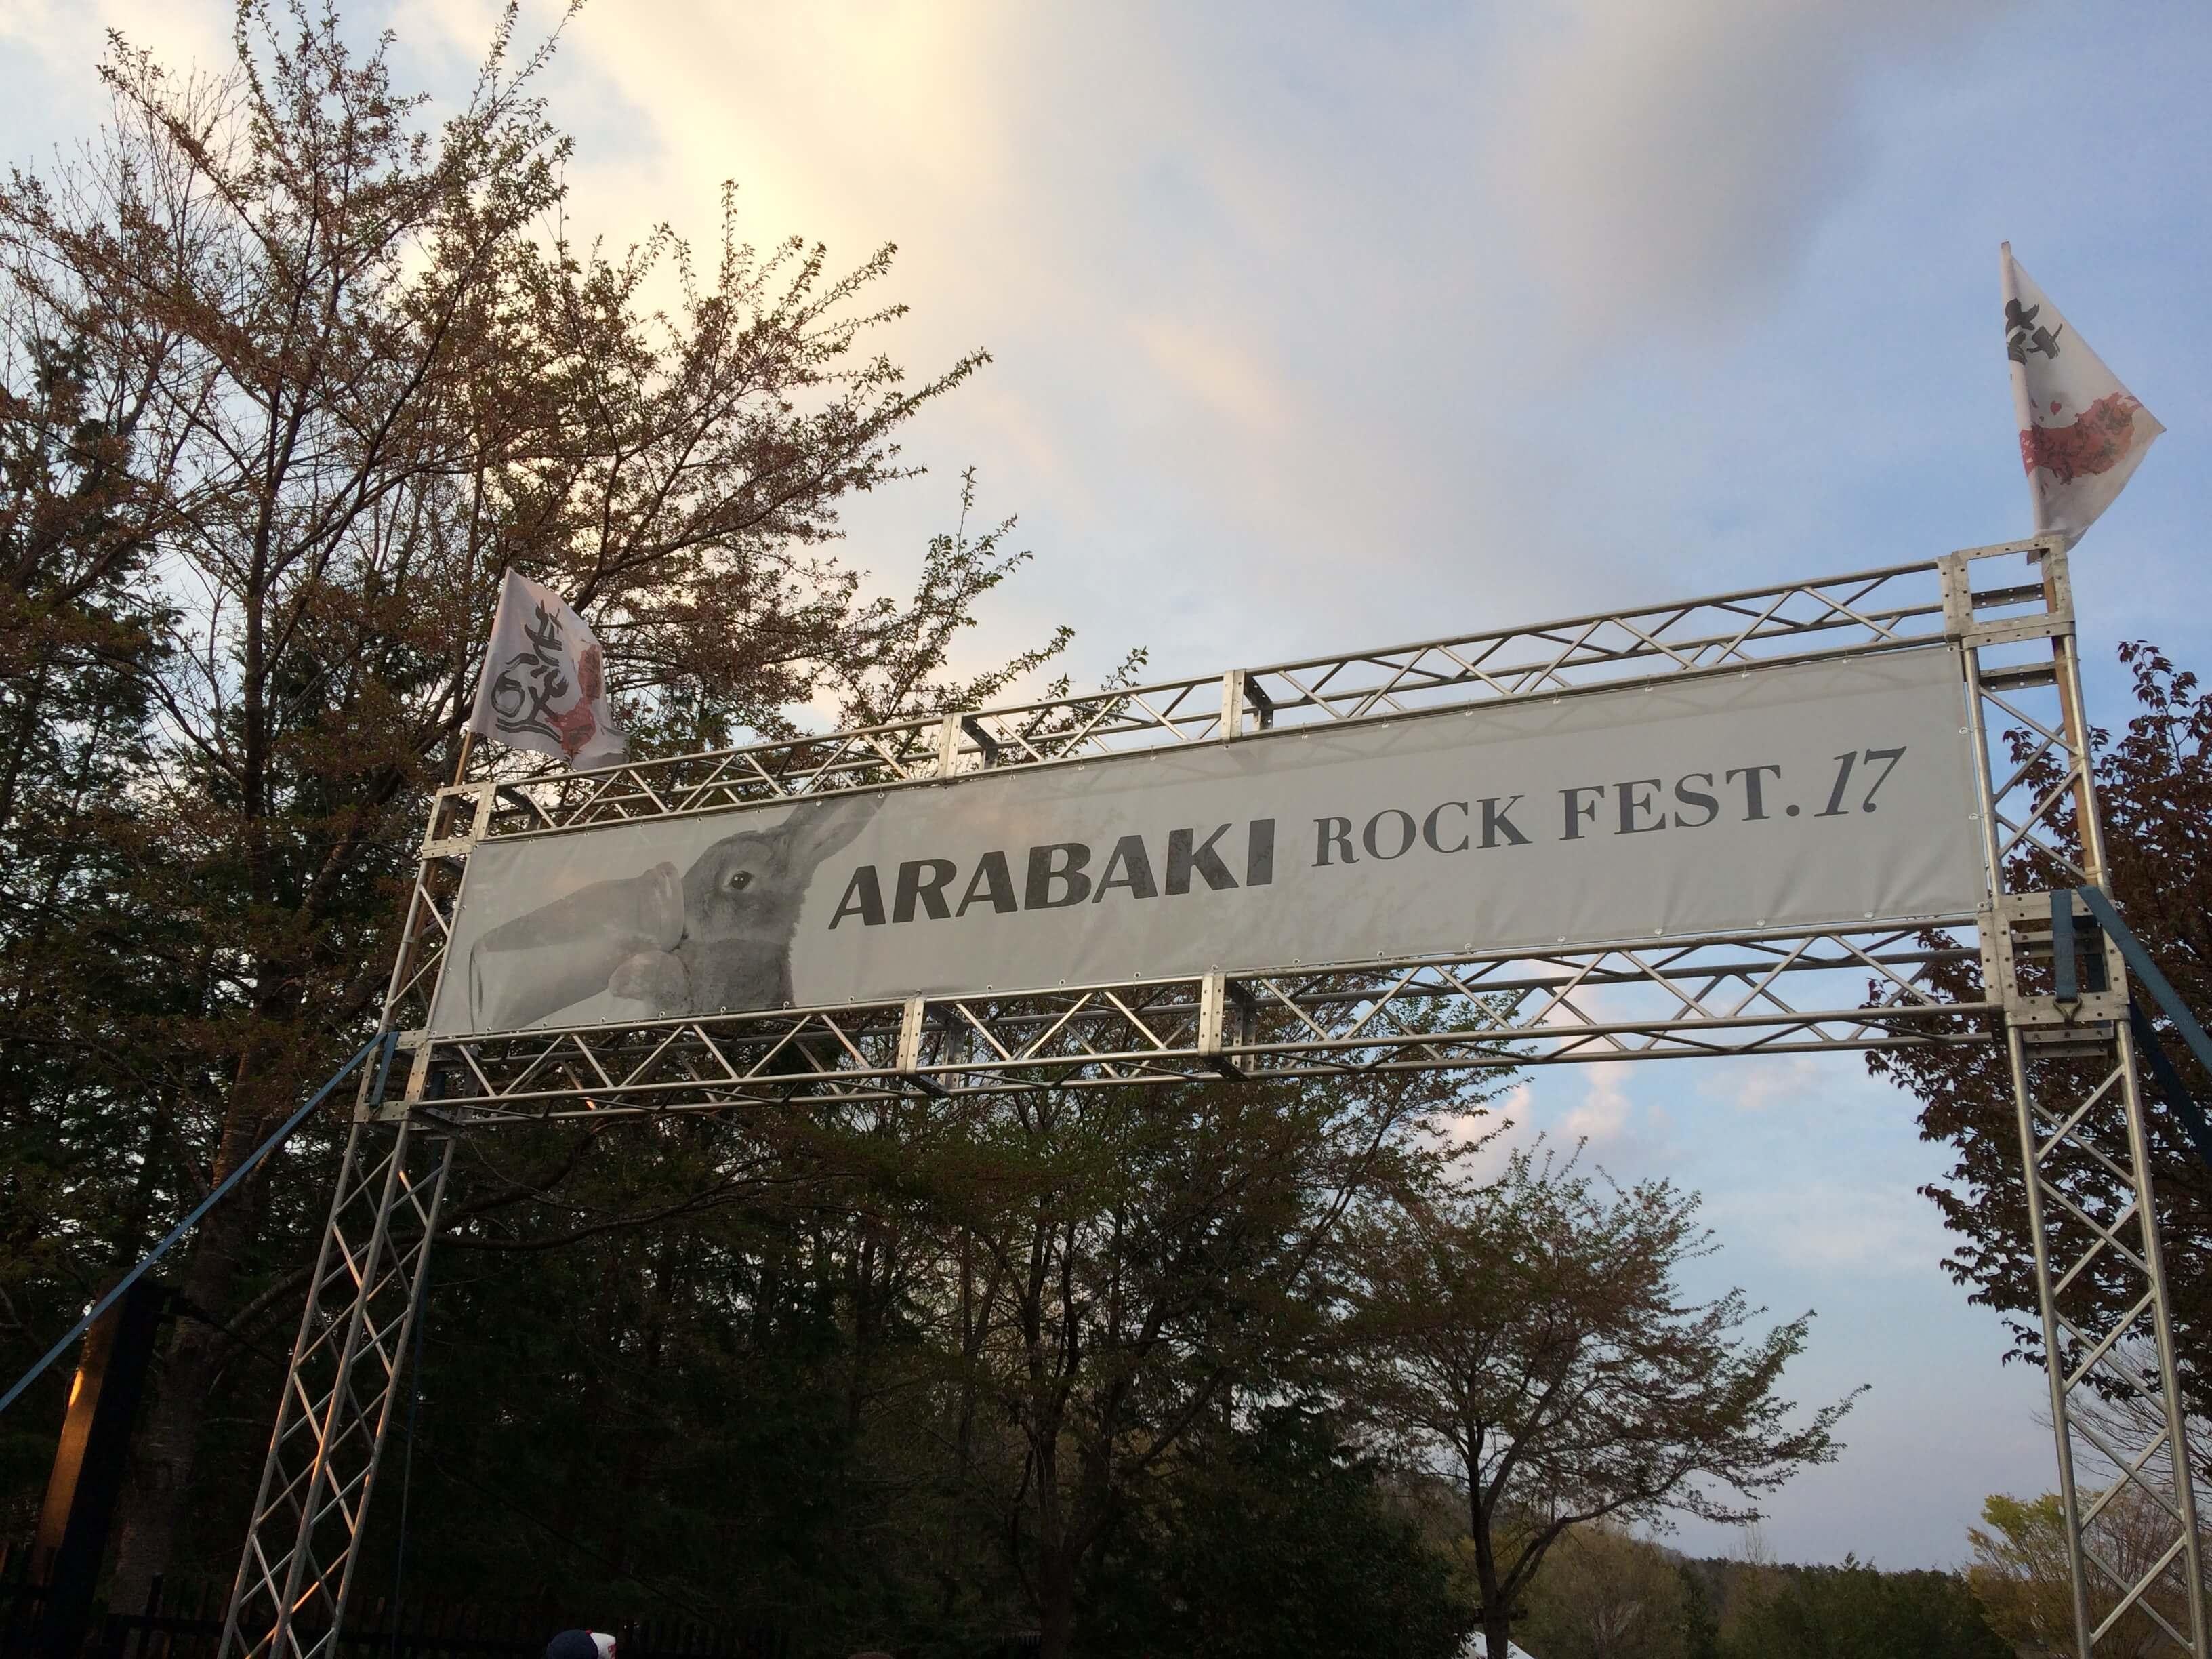 アラバキロックフェスの服装や場所 宿